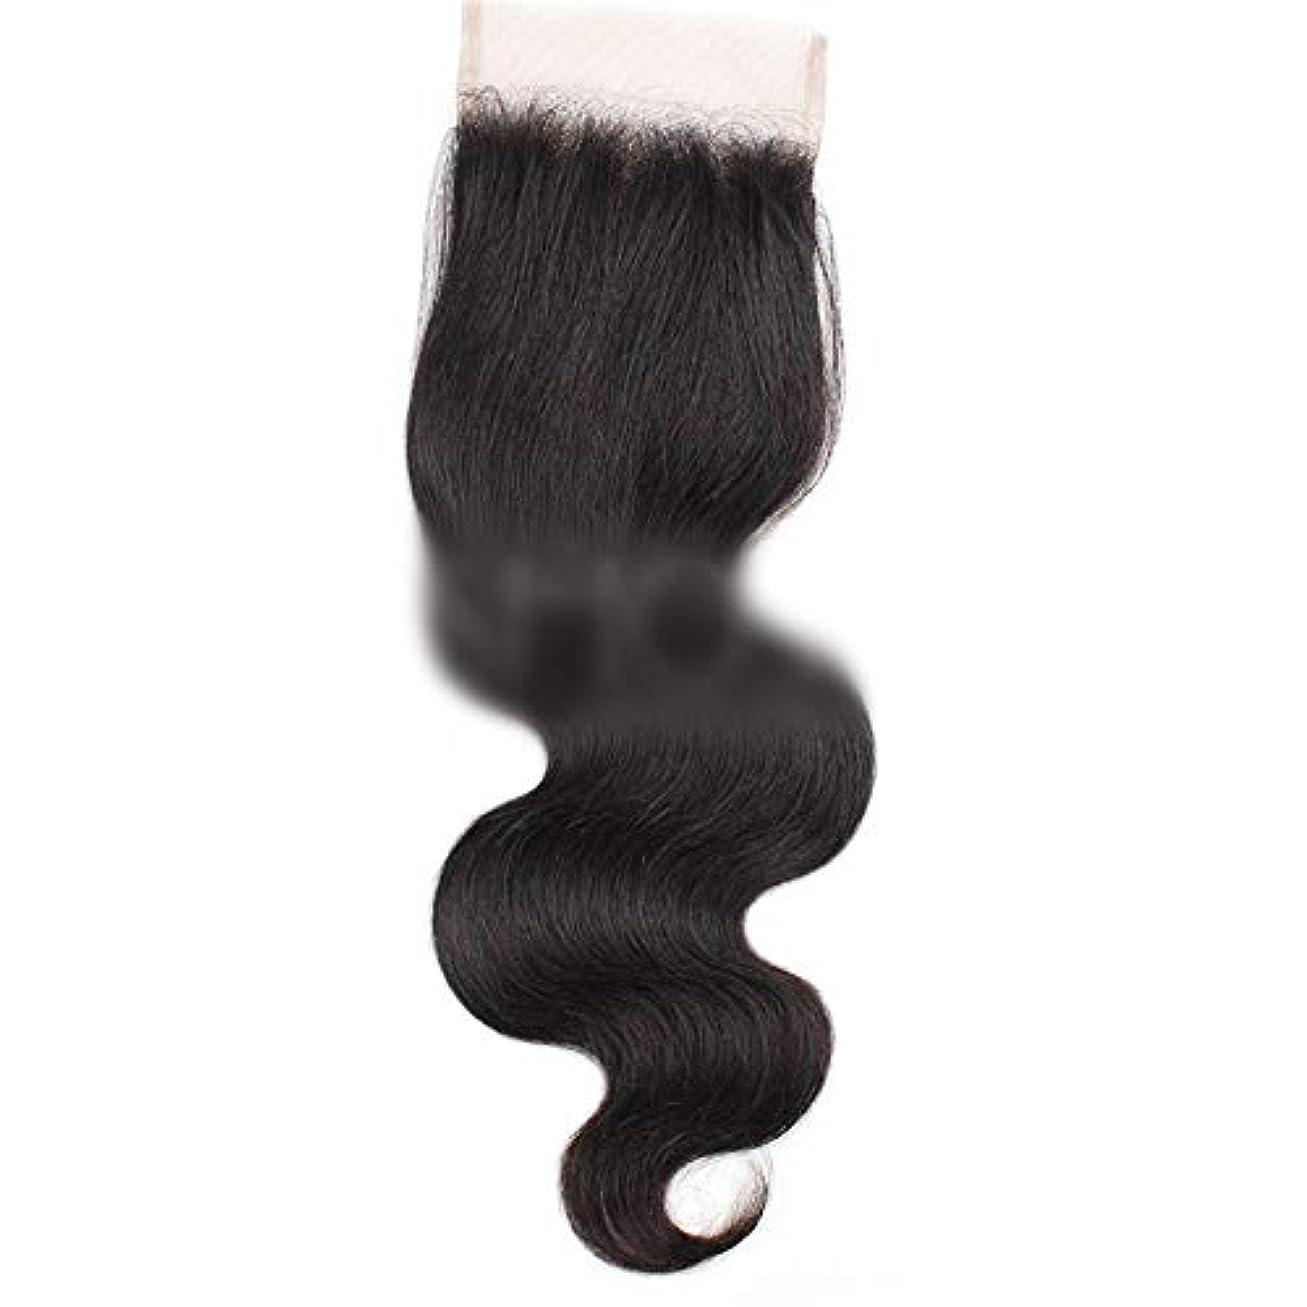 襟子供達おとこBOBIDYEE 7aバージンブラジル人間の髪の毛自由な部分実体波4×4レース閉鎖ロールプレイングかつら女性のかつら (色 : 黒, サイズ : 16 inch)